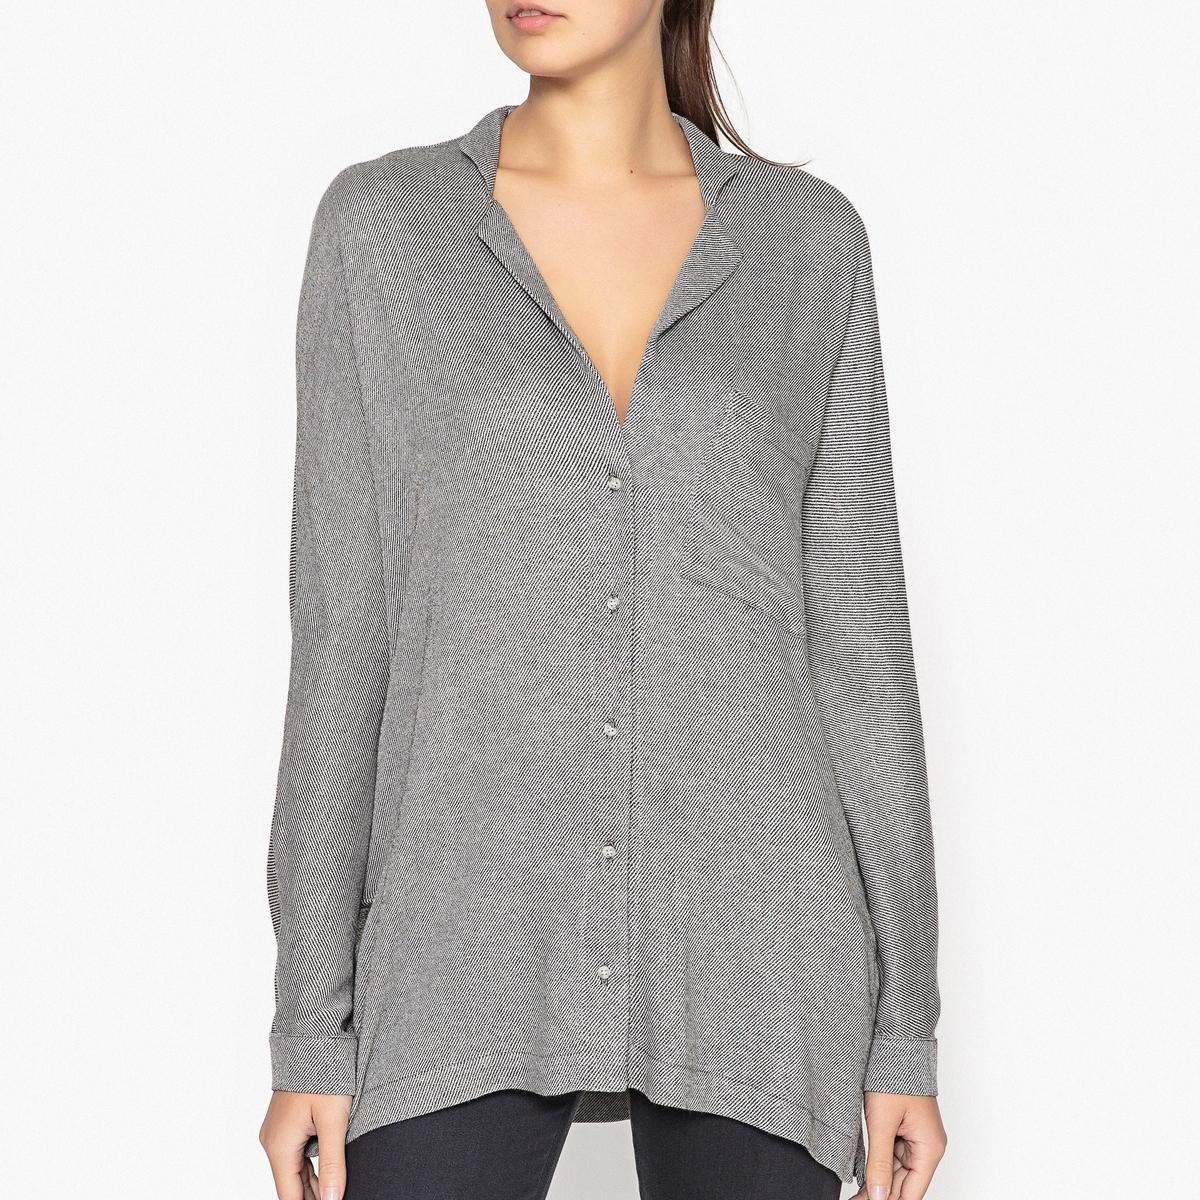 Рубашка с V-образным вырезом NEILОписание:Рубашка с длинными рукавами MARGAUX LONNBERG - модель NEIL с V-образным вырезом и нагрудным карманом.Детали •  Длинные рукава •  Прямой покрой  •   V-образный вырезСостав и уход •  80% вискозы, 20% шерсти •  Следуйте советам по уходу, указанным на этикетке<br><br>Цвет: антрацит<br>Размер: 38 (FR) - 44 (RUS).36 (FR) - 42 (RUS)